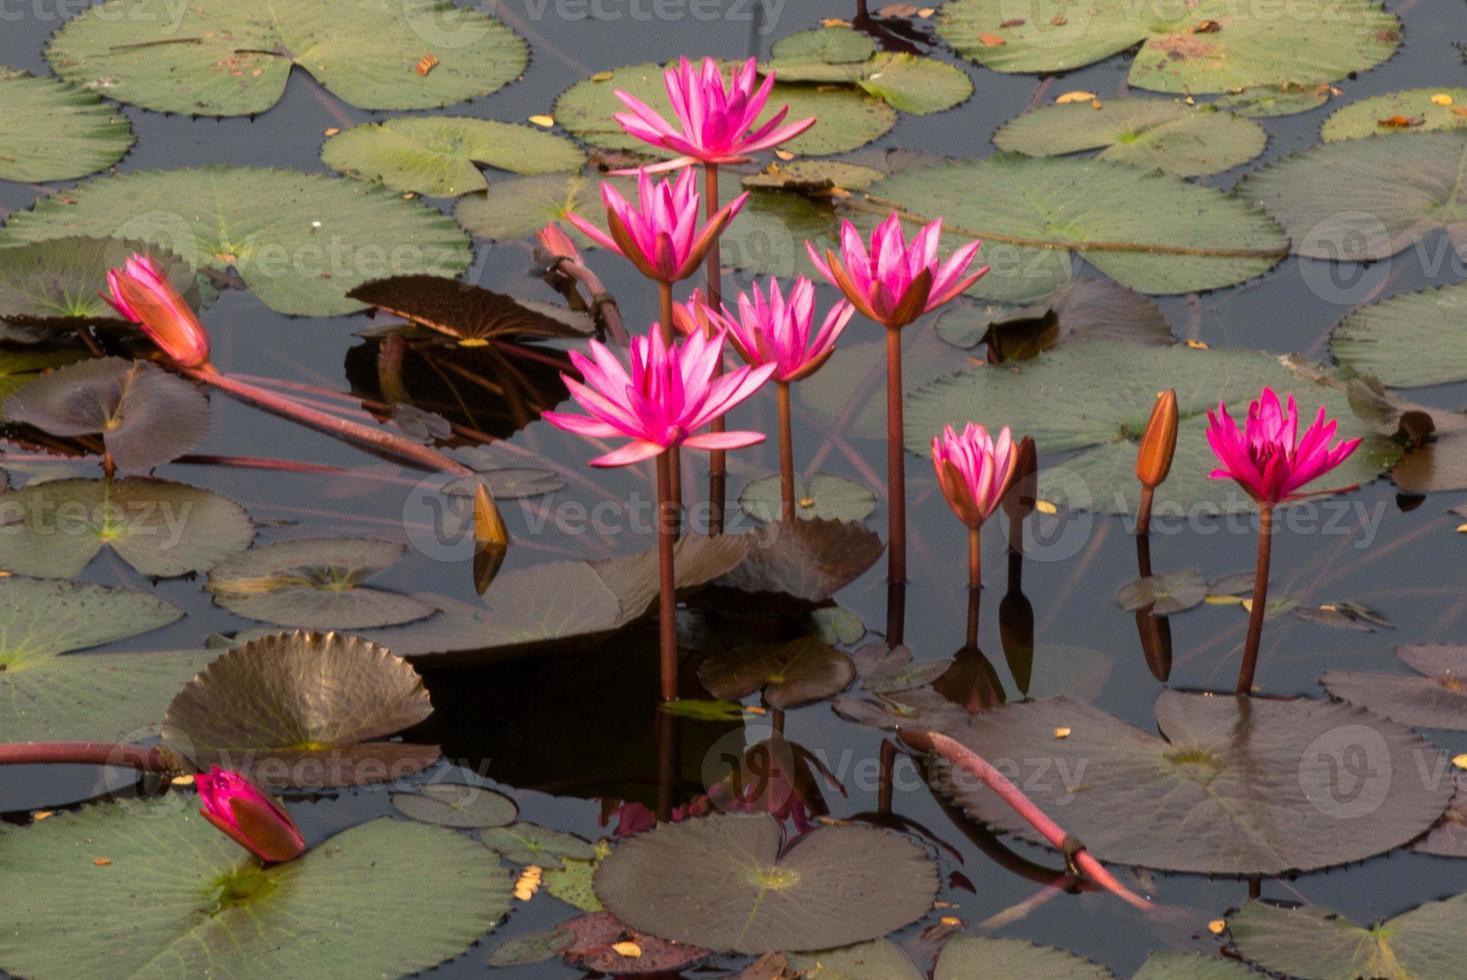 roze lotusbloemen en knoppen in een vijver foto